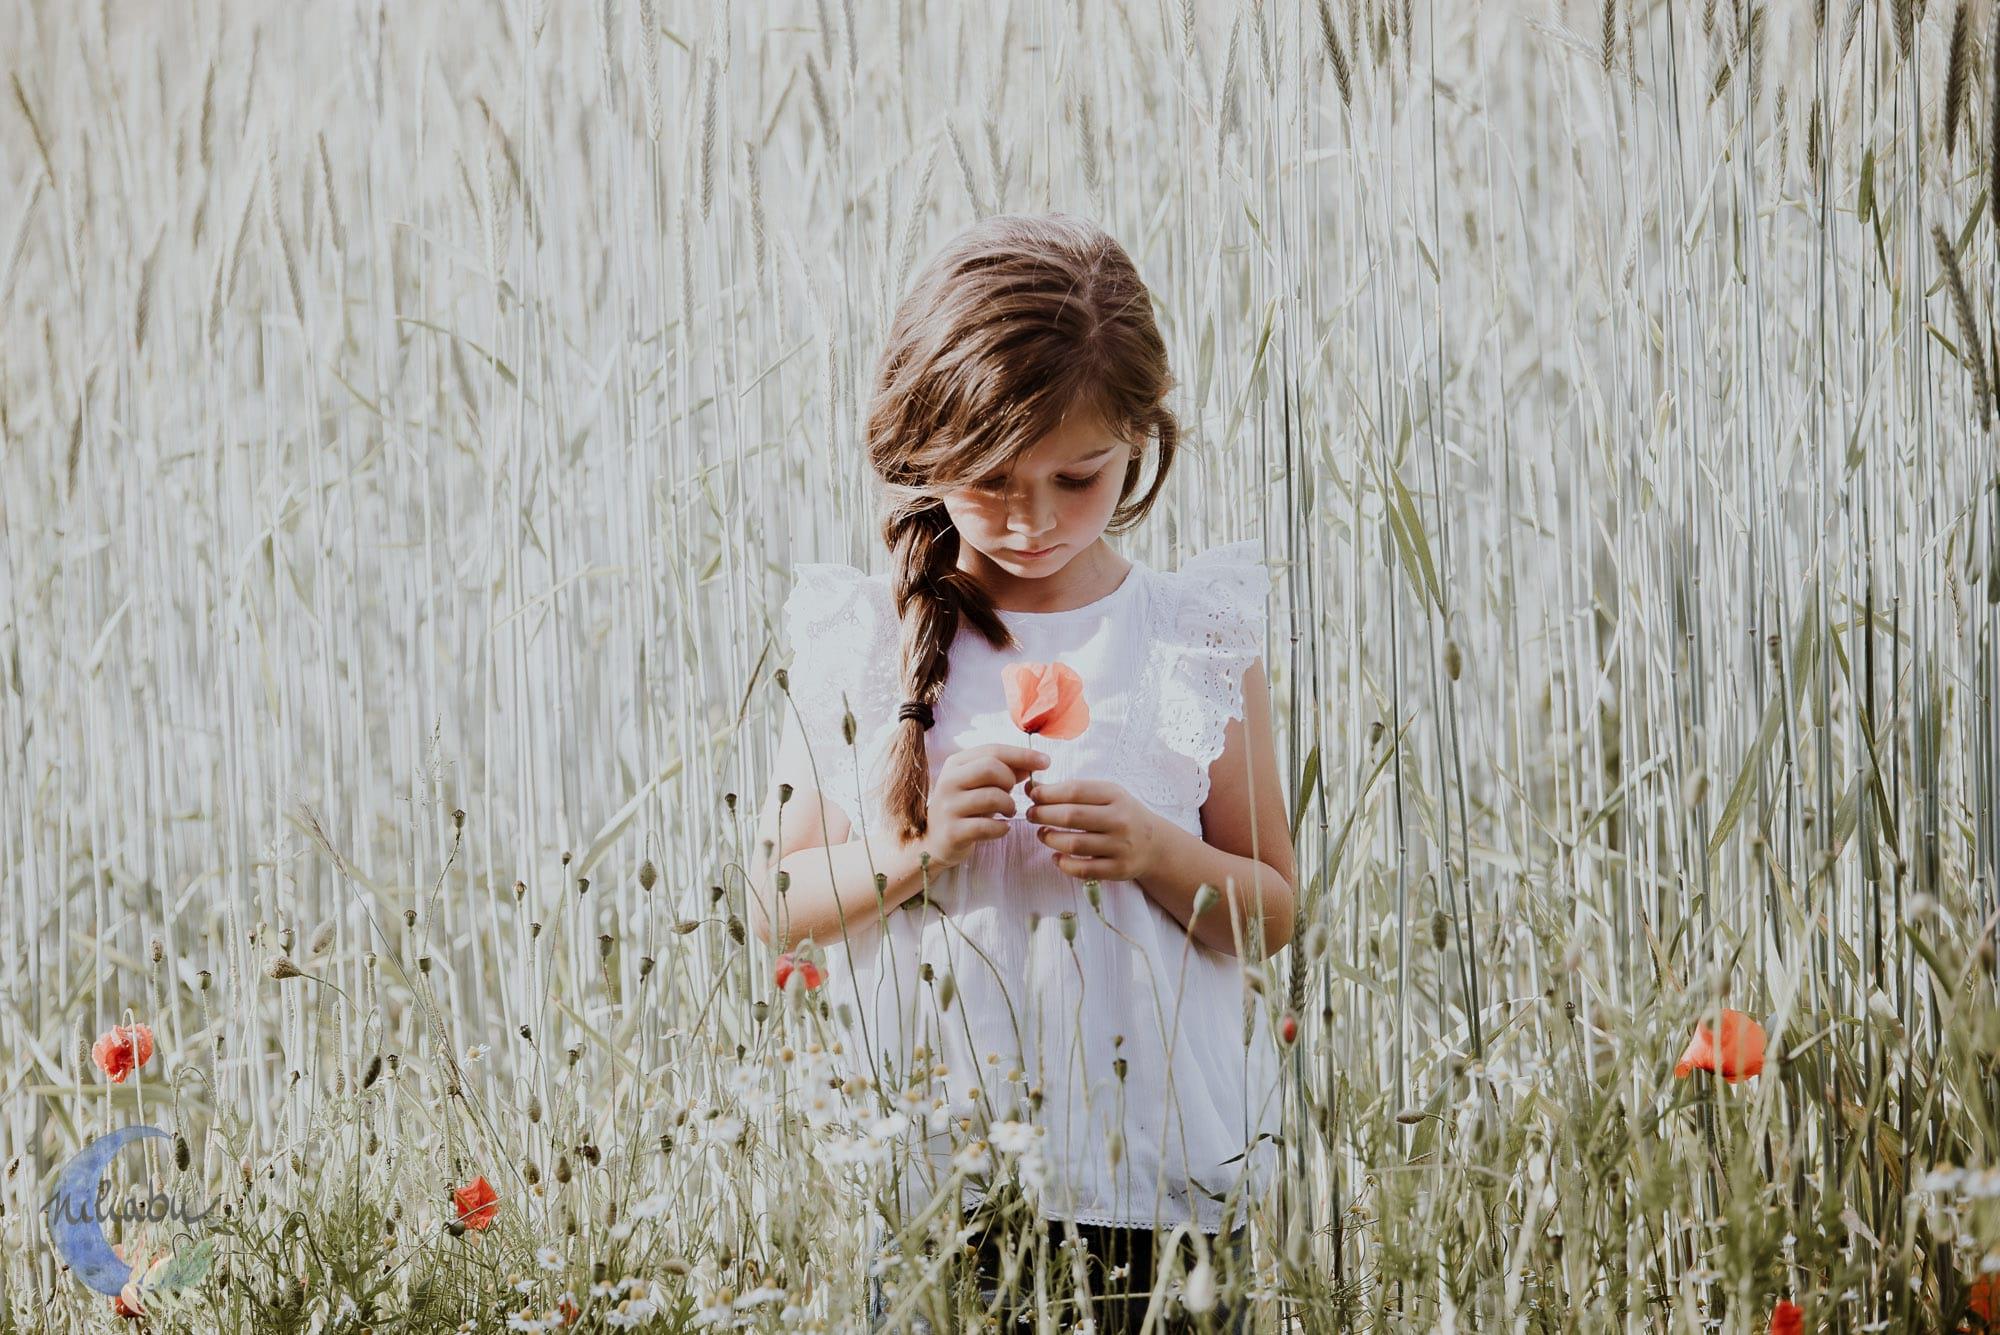 Kinderfotografin-Trier-Kornfeld-Blumenwiese-20